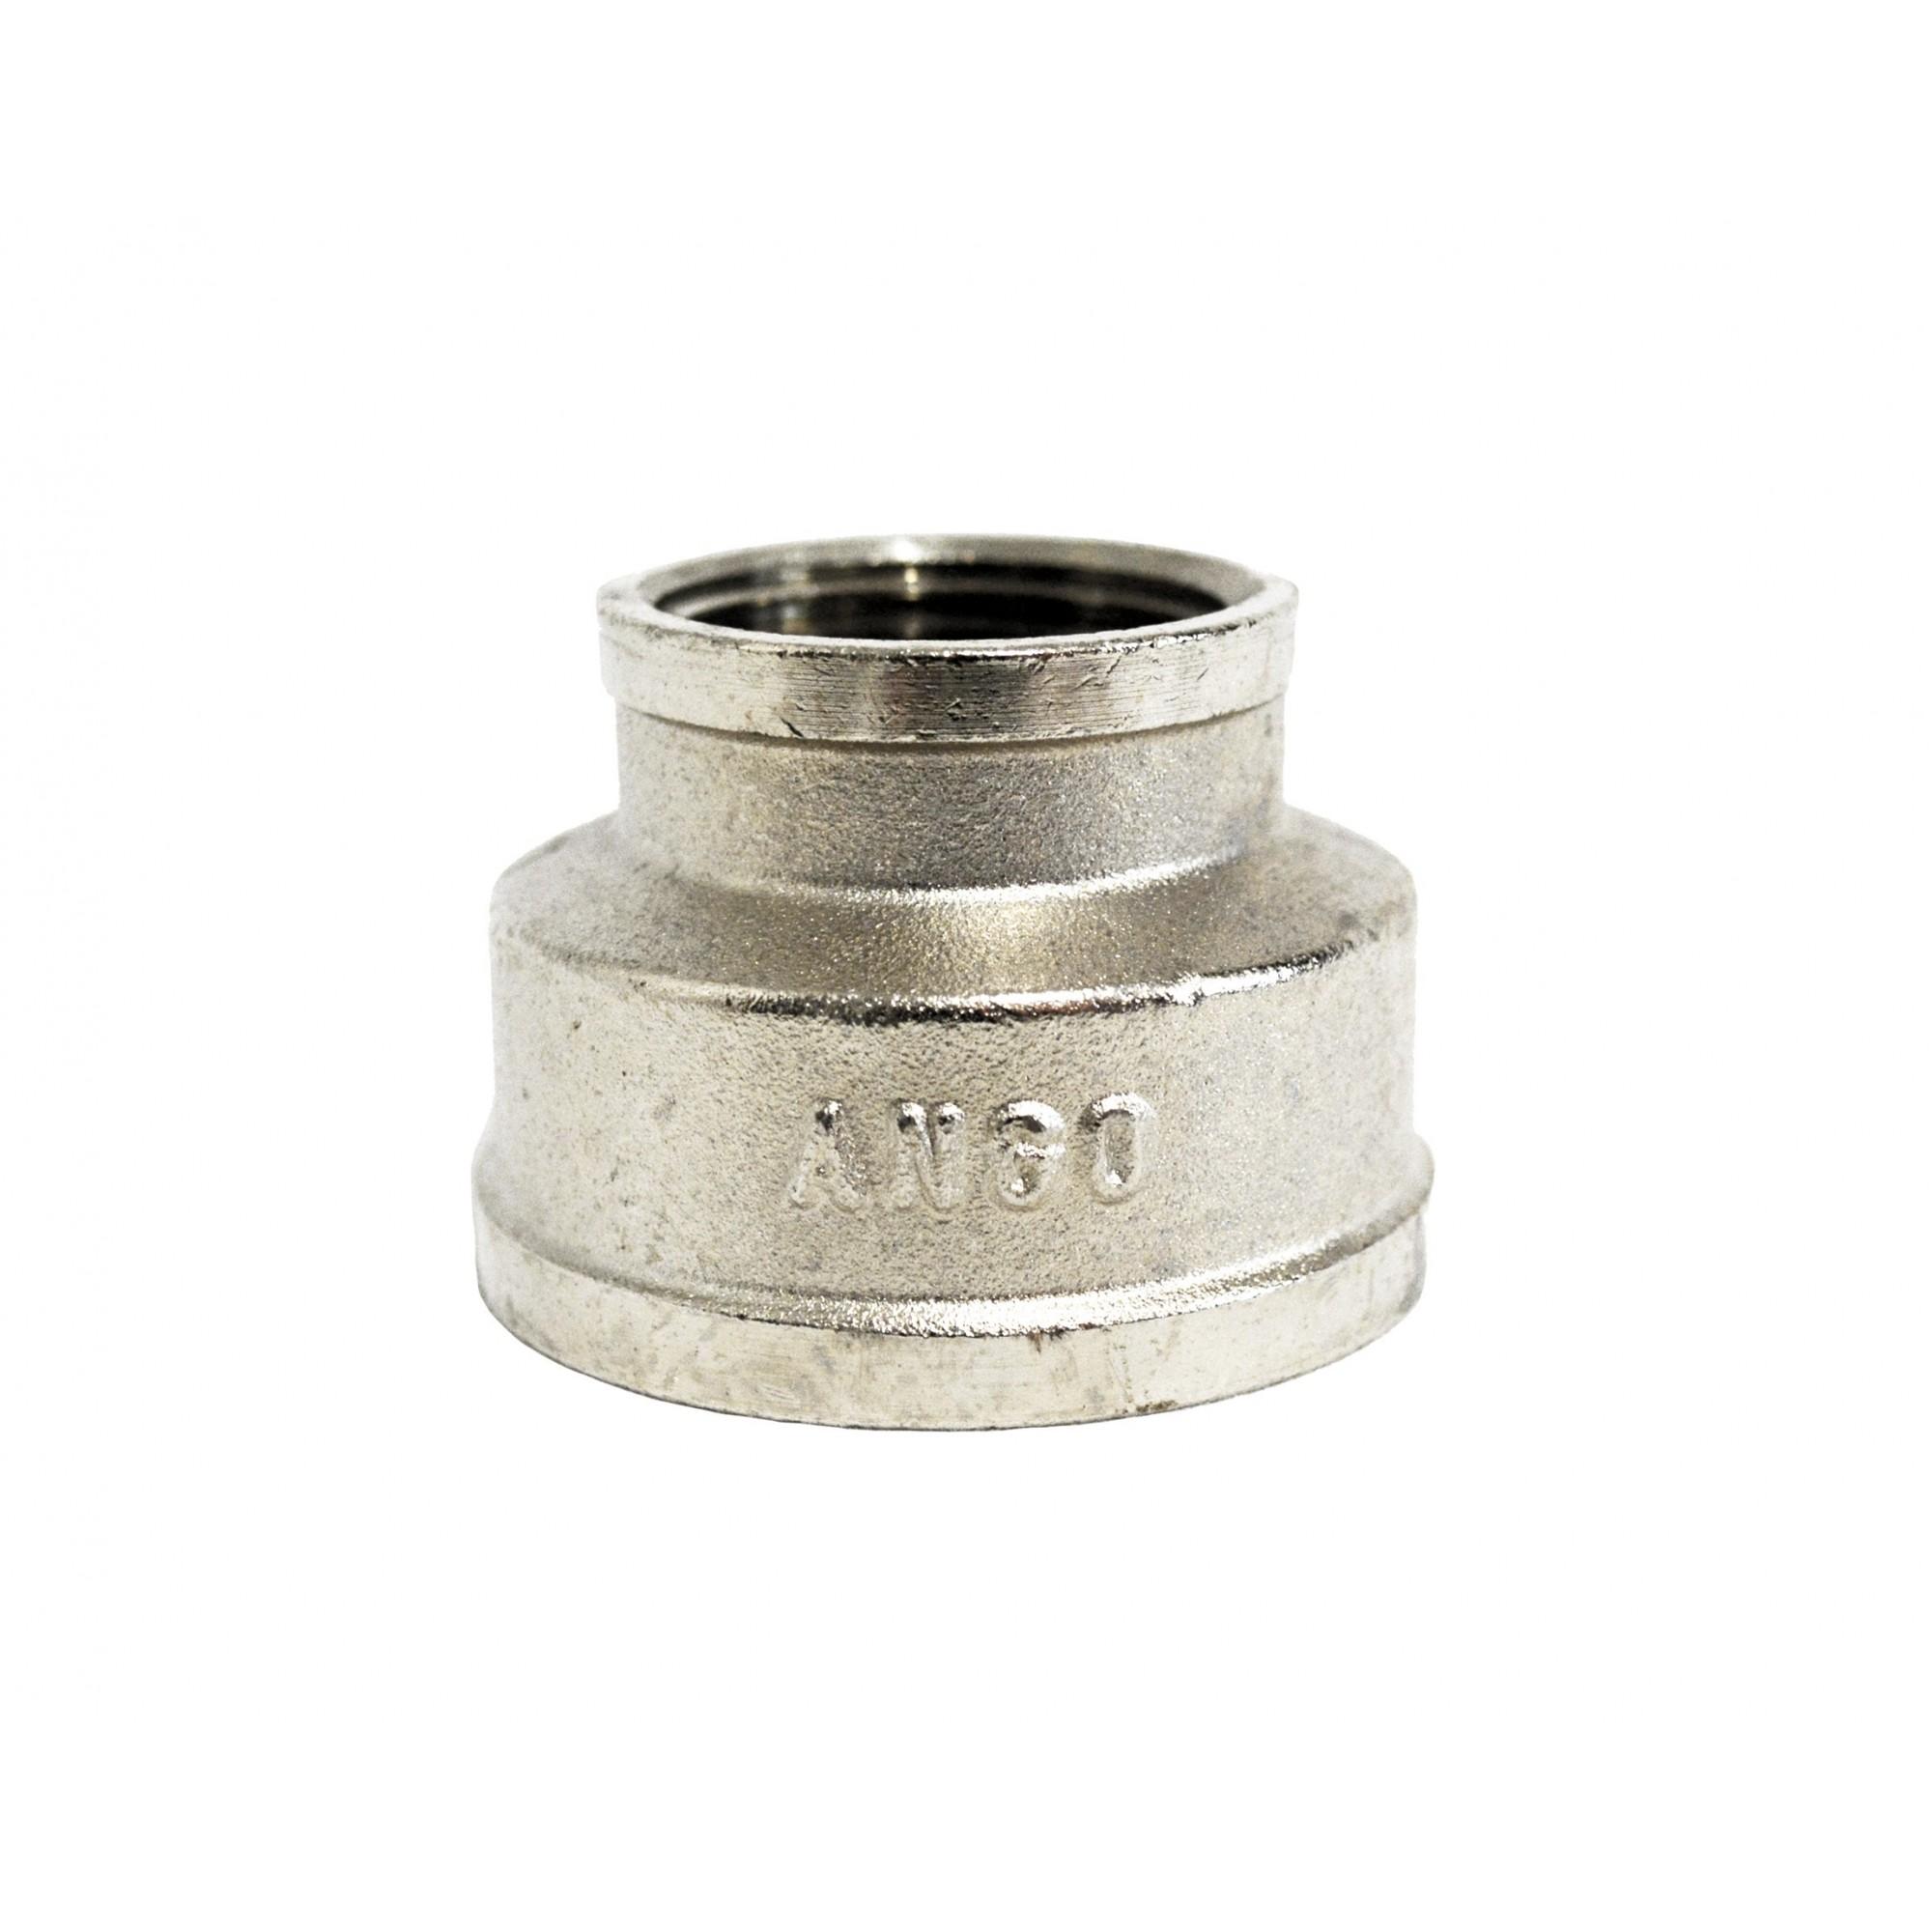 Муфта 1 1/2в*1в никелированная ANGO ANGO - 1